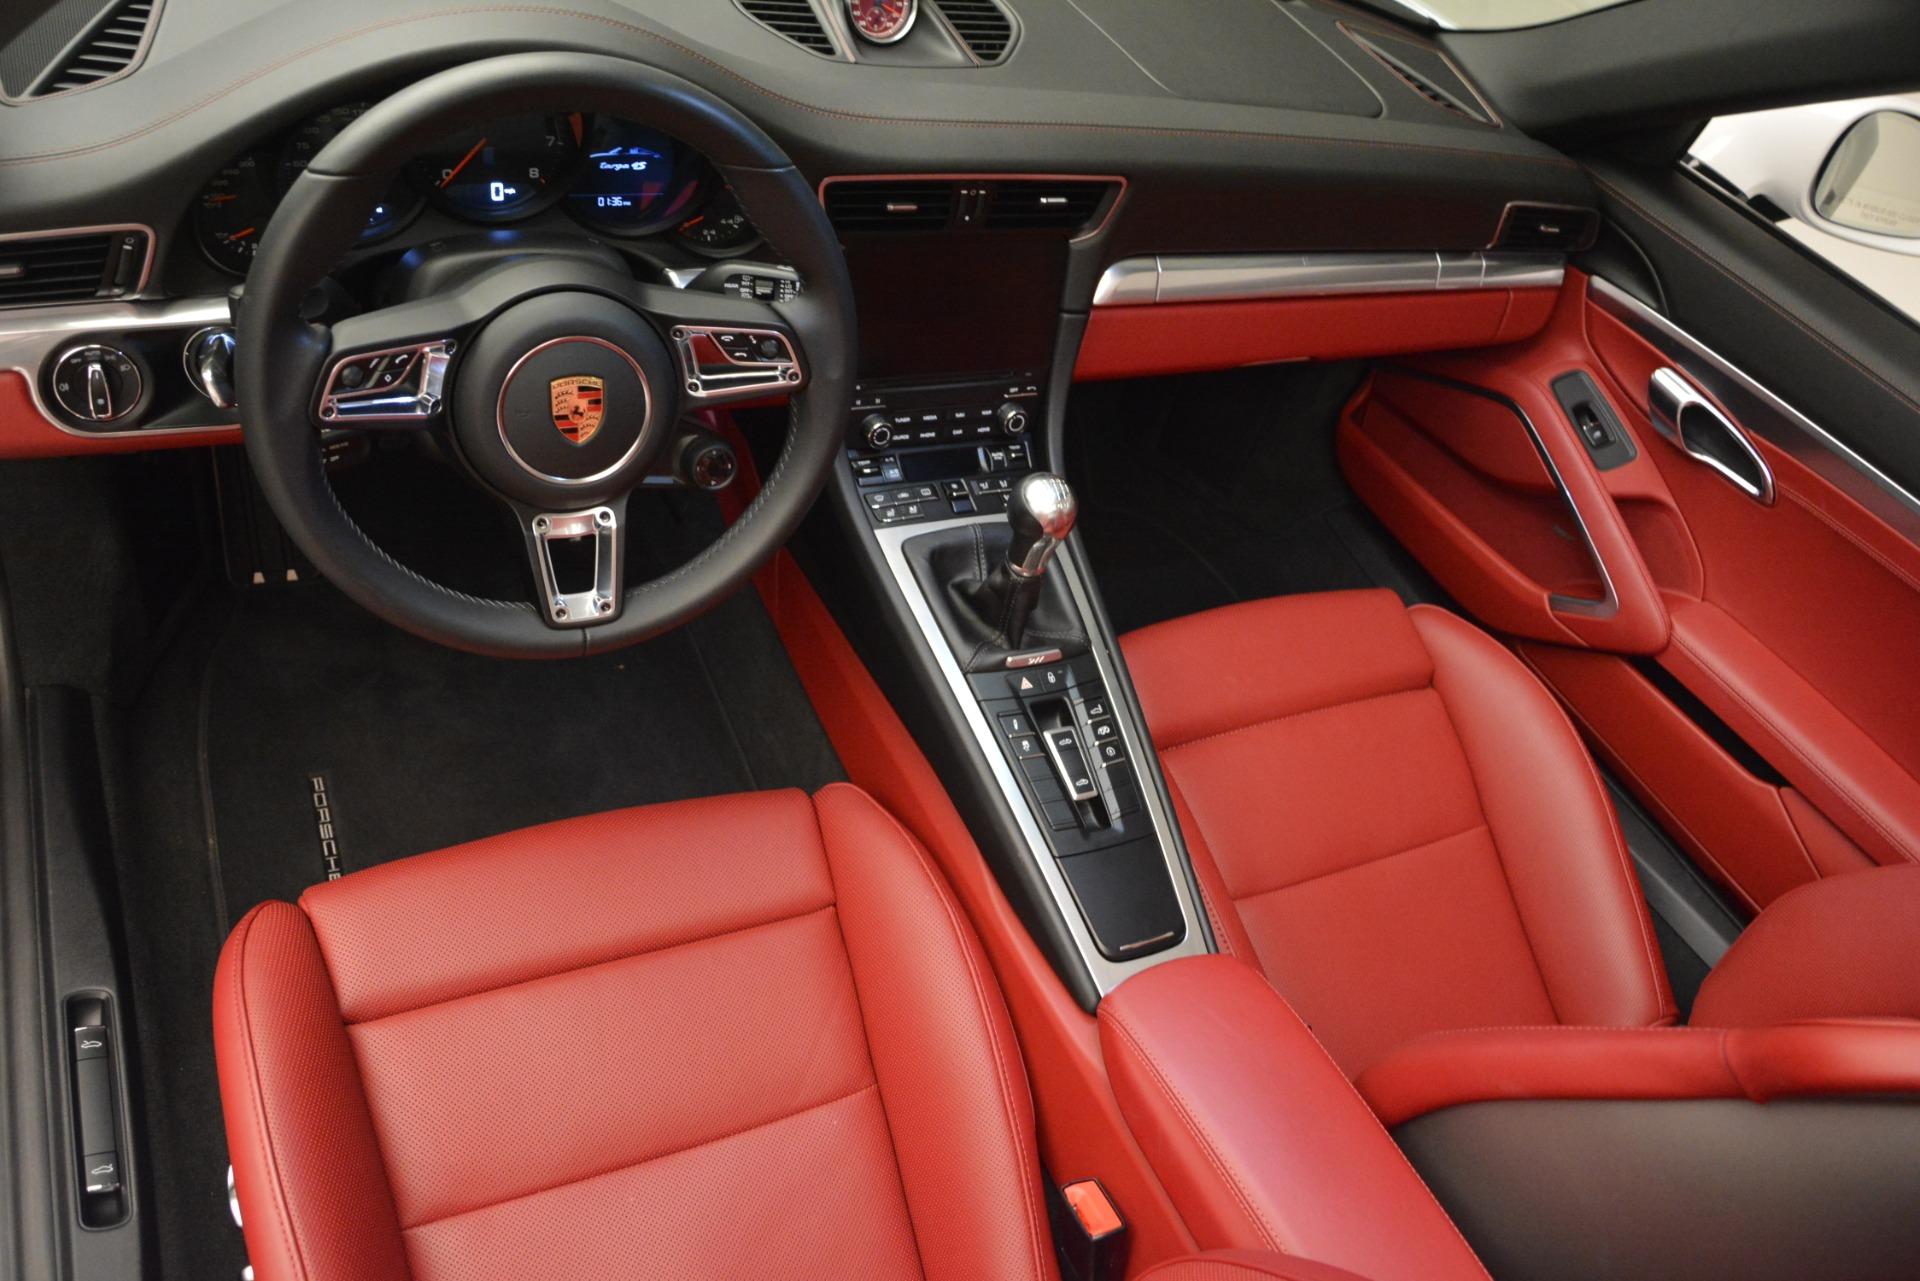 Used 2017 Porsche 911 Targa 4S For Sale In Greenwich, CT. Alfa Romeo of Greenwich, 7433 2593_p13